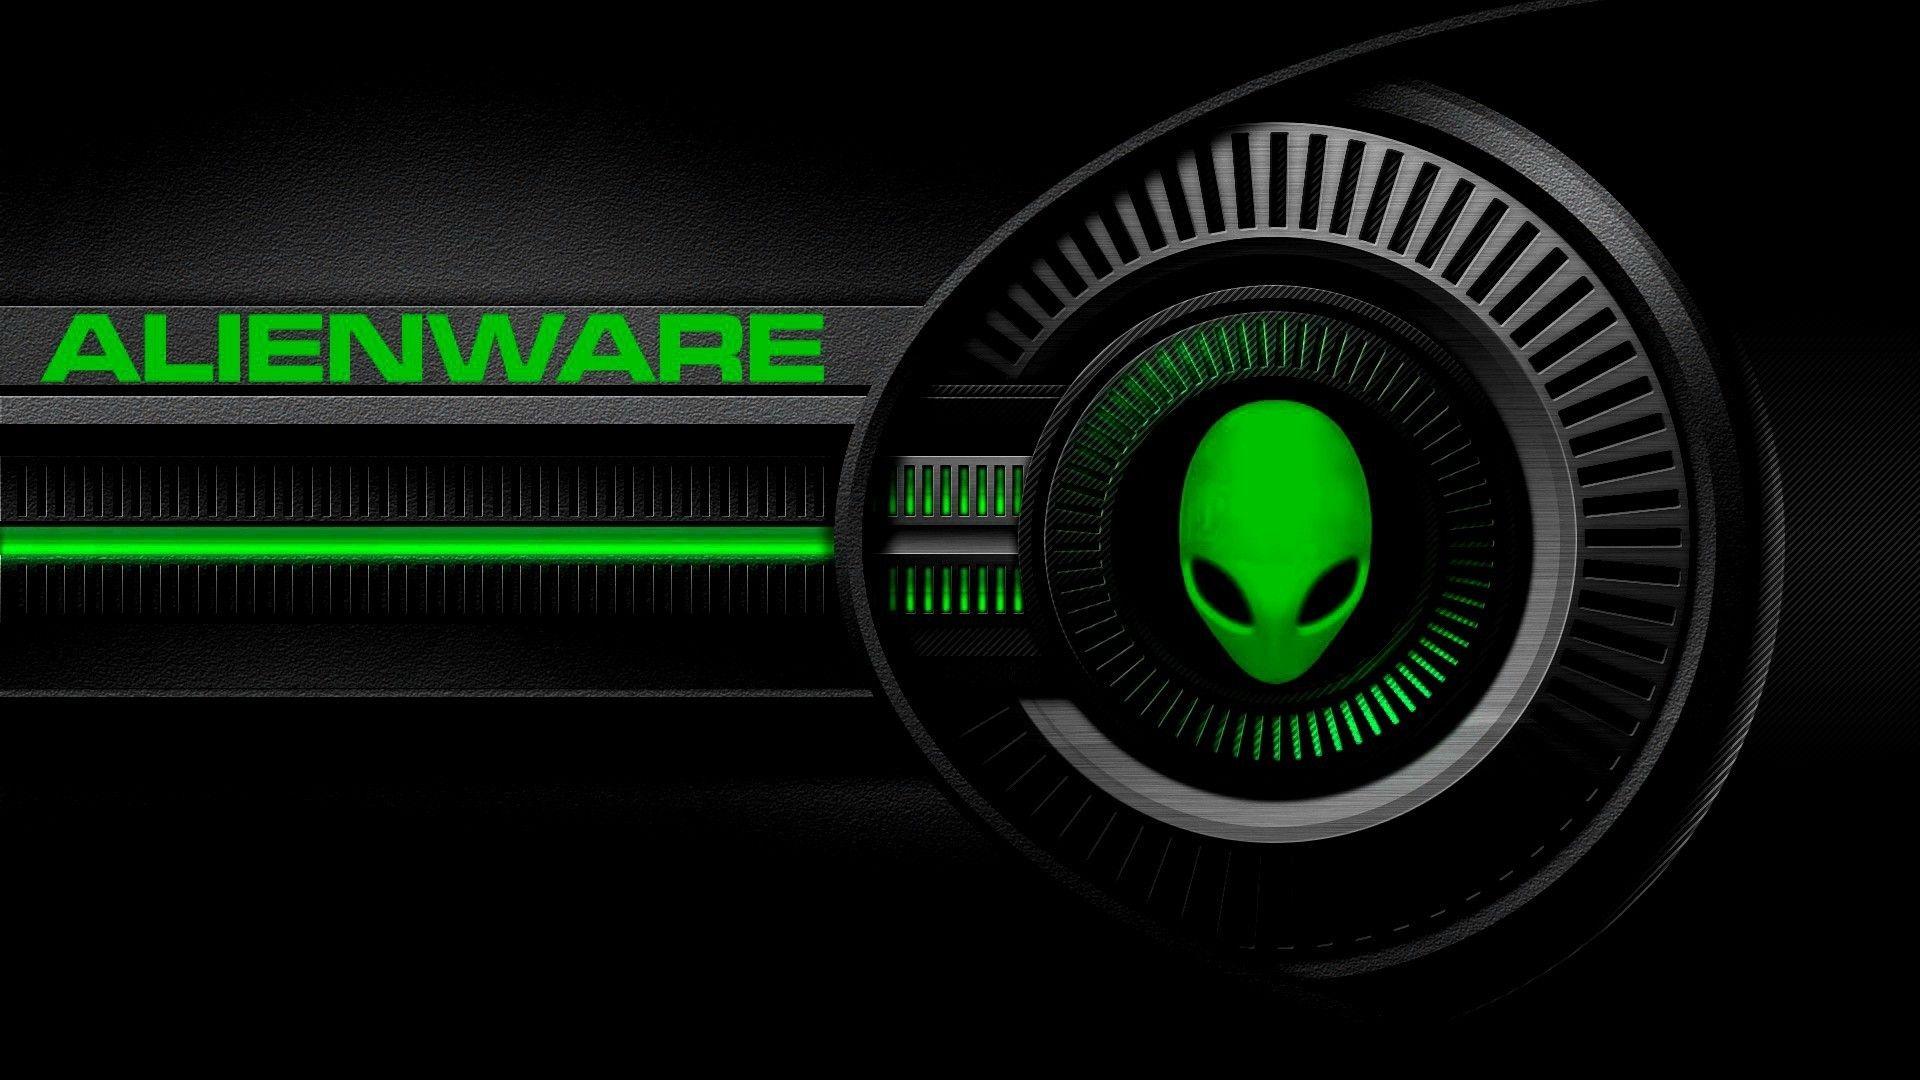 Alien Future Wallpaper Alienware Wallpapers Future Wallpaper Abstract Iphone Wallpaper